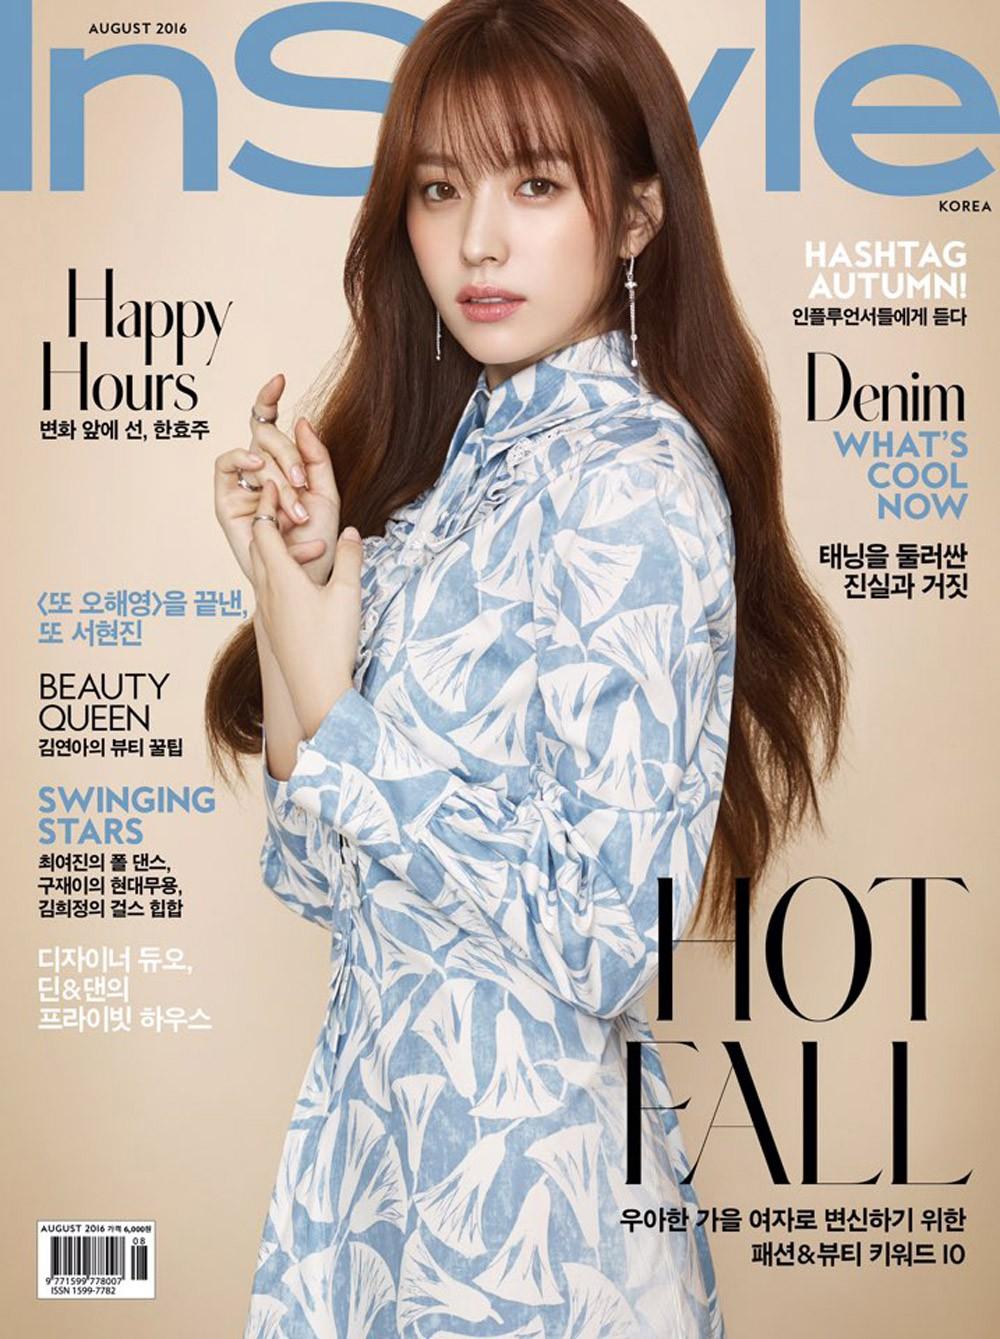 Cặp đôi thánh sống Kang Dong Won và Han Hyo Joo: Khi người thừa kế đời thực và nữ thần đều dính bê bối chấn động - Ảnh 16.